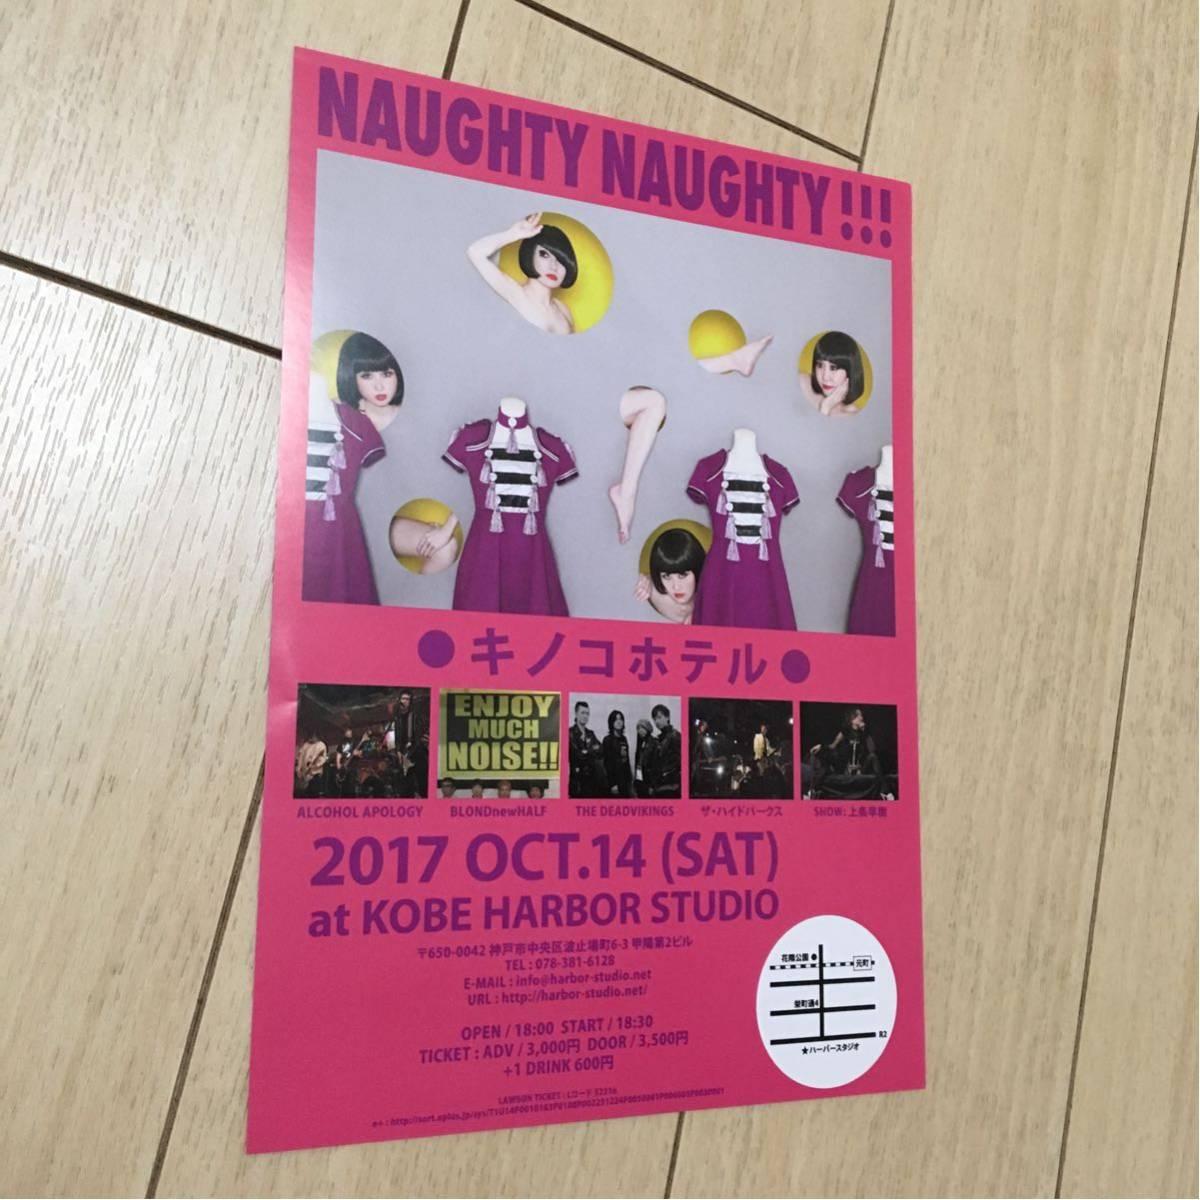 キノコホテル ライブ 告知 チラシ 神戸 ハーバー スタジオ harbor stuaio naughty naughty!!! サイケ ガレージ バンド